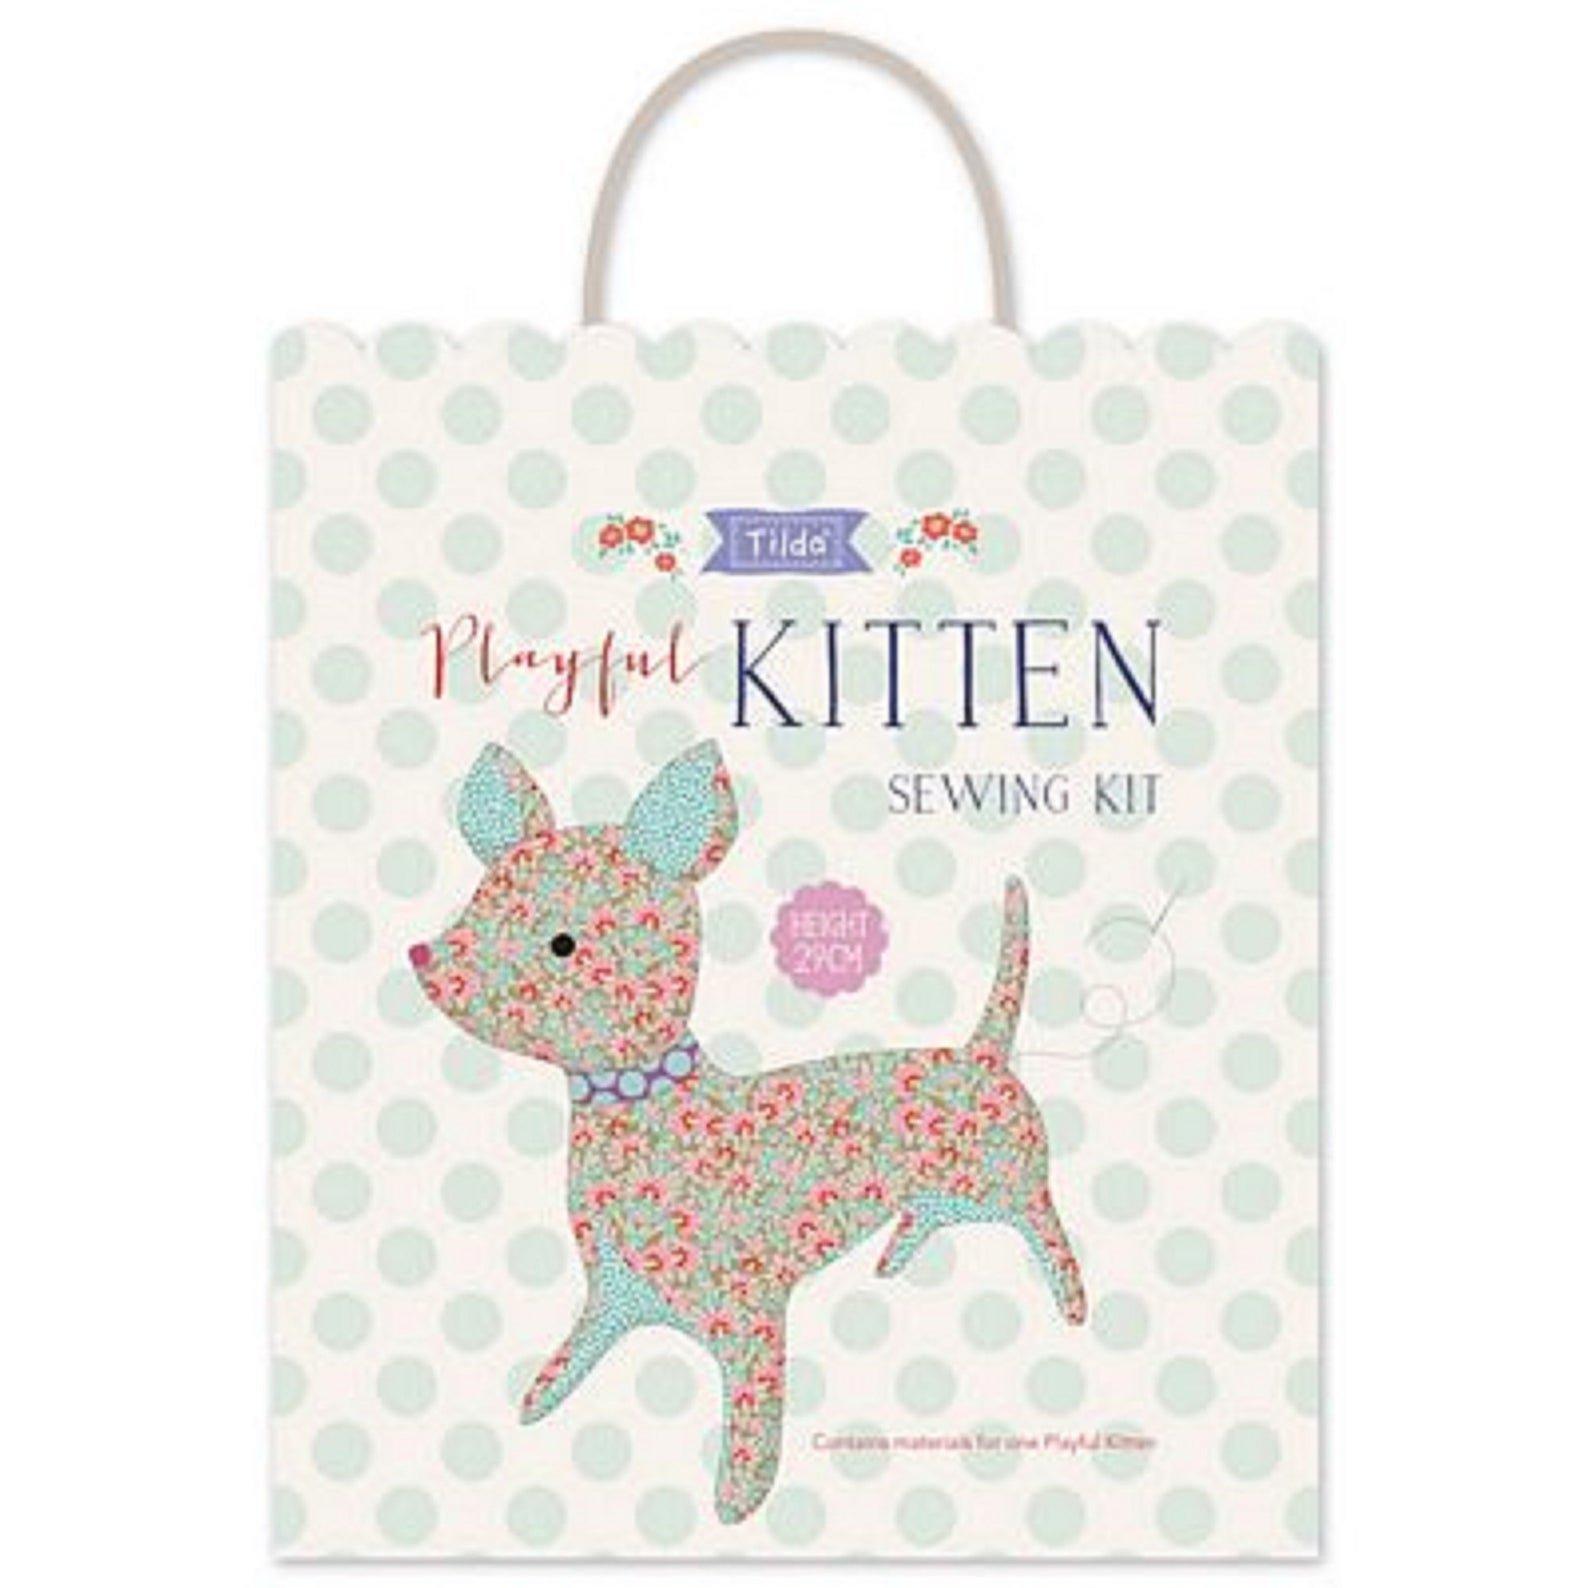 Playful Kitten Sewing Kit (Tilda)